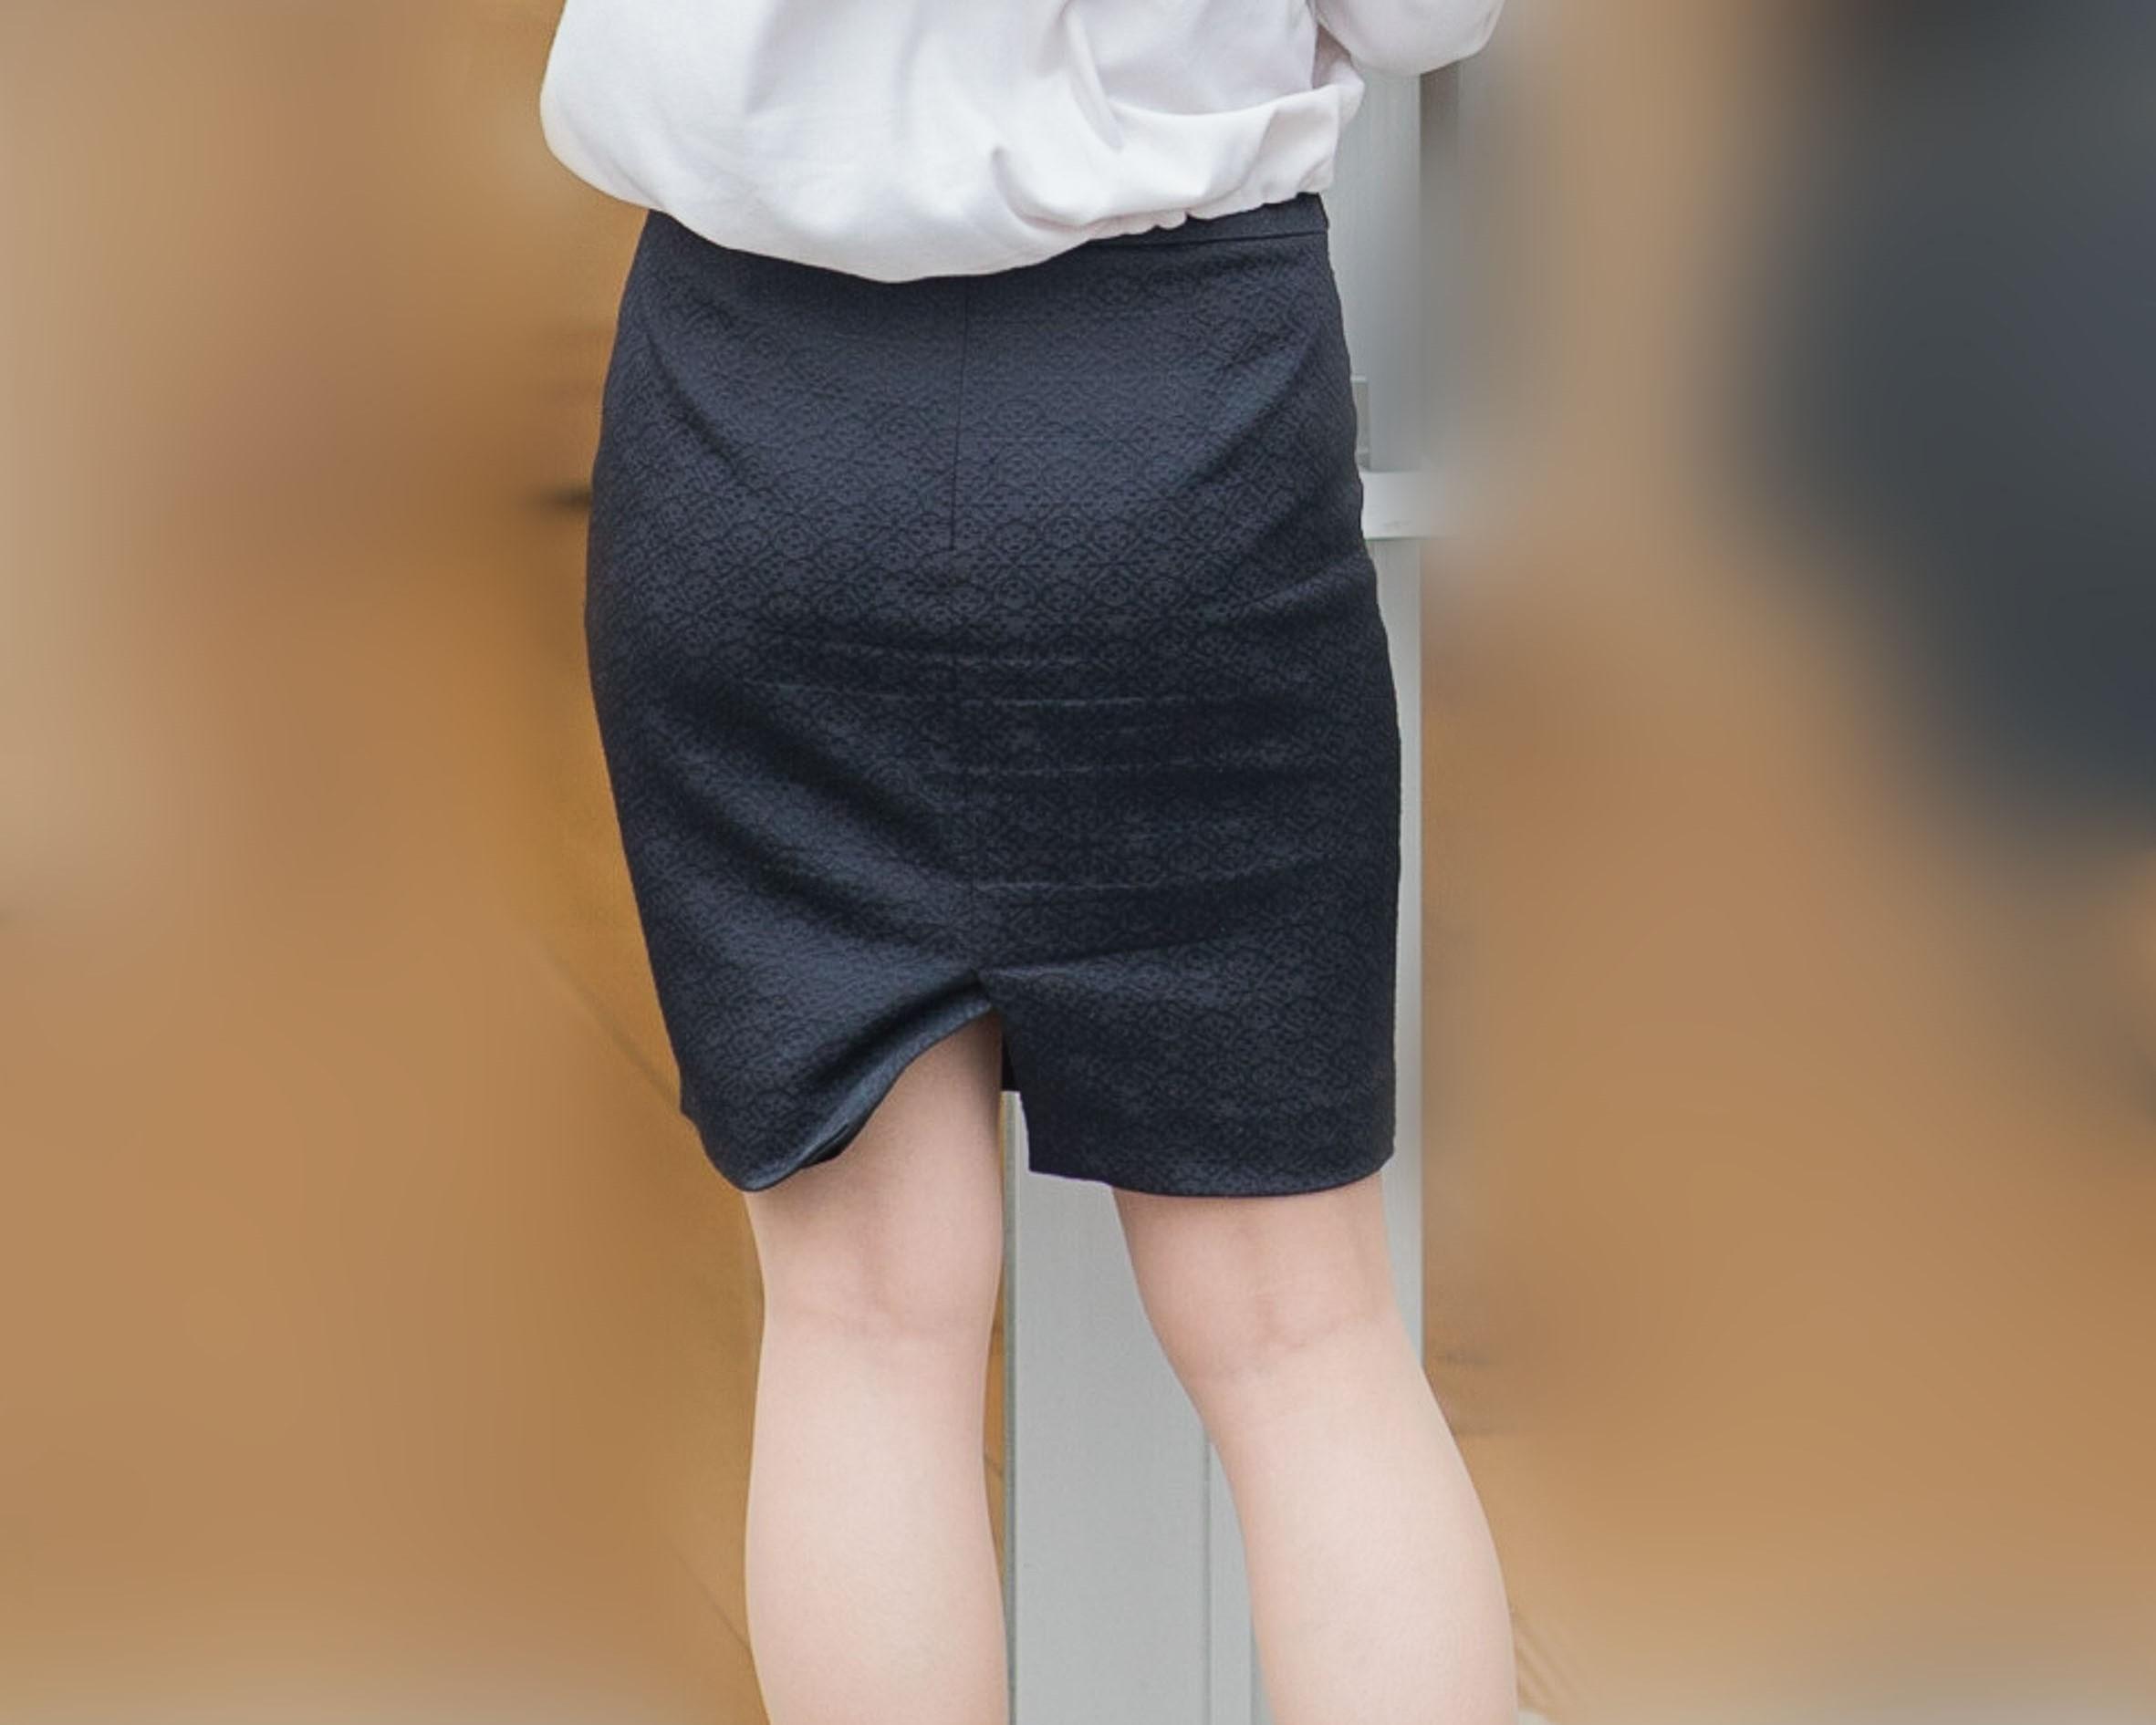 大きな美尻が可愛いタイトスカートの店員さん!